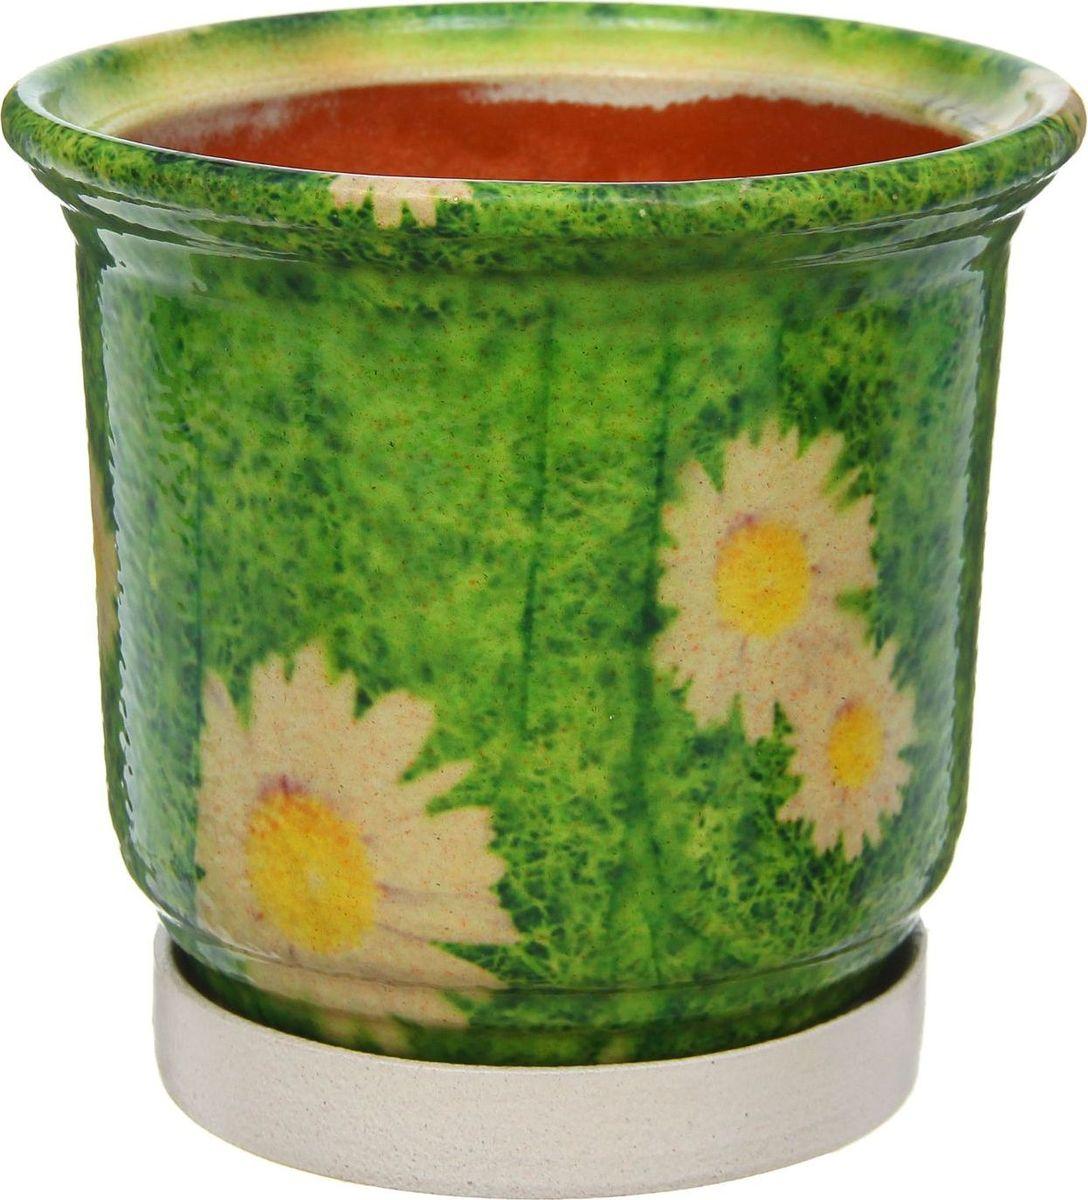 Кашпо Цветник. Ромашки, цвет: зеленый, 1 л1253873Комнатные растения — всеобщие любимцы. Они радуют глаз, насыщают помещение кислородом и украшают пространство. Каждому из них необходим свой удобный и красивый дом. Кашпо из керамики прекрасно подходят для высадки растений: за счет пластичности глины и разных способов обработки существует великое множество форм и дизайнов пористый материал позволяет испаряться лишней влаге воздух, необходимый для дыхания корней, проникает сквозь керамические стенки! позаботится о зеленом питомце, освежит интерьер и подчеркнет его стиль.